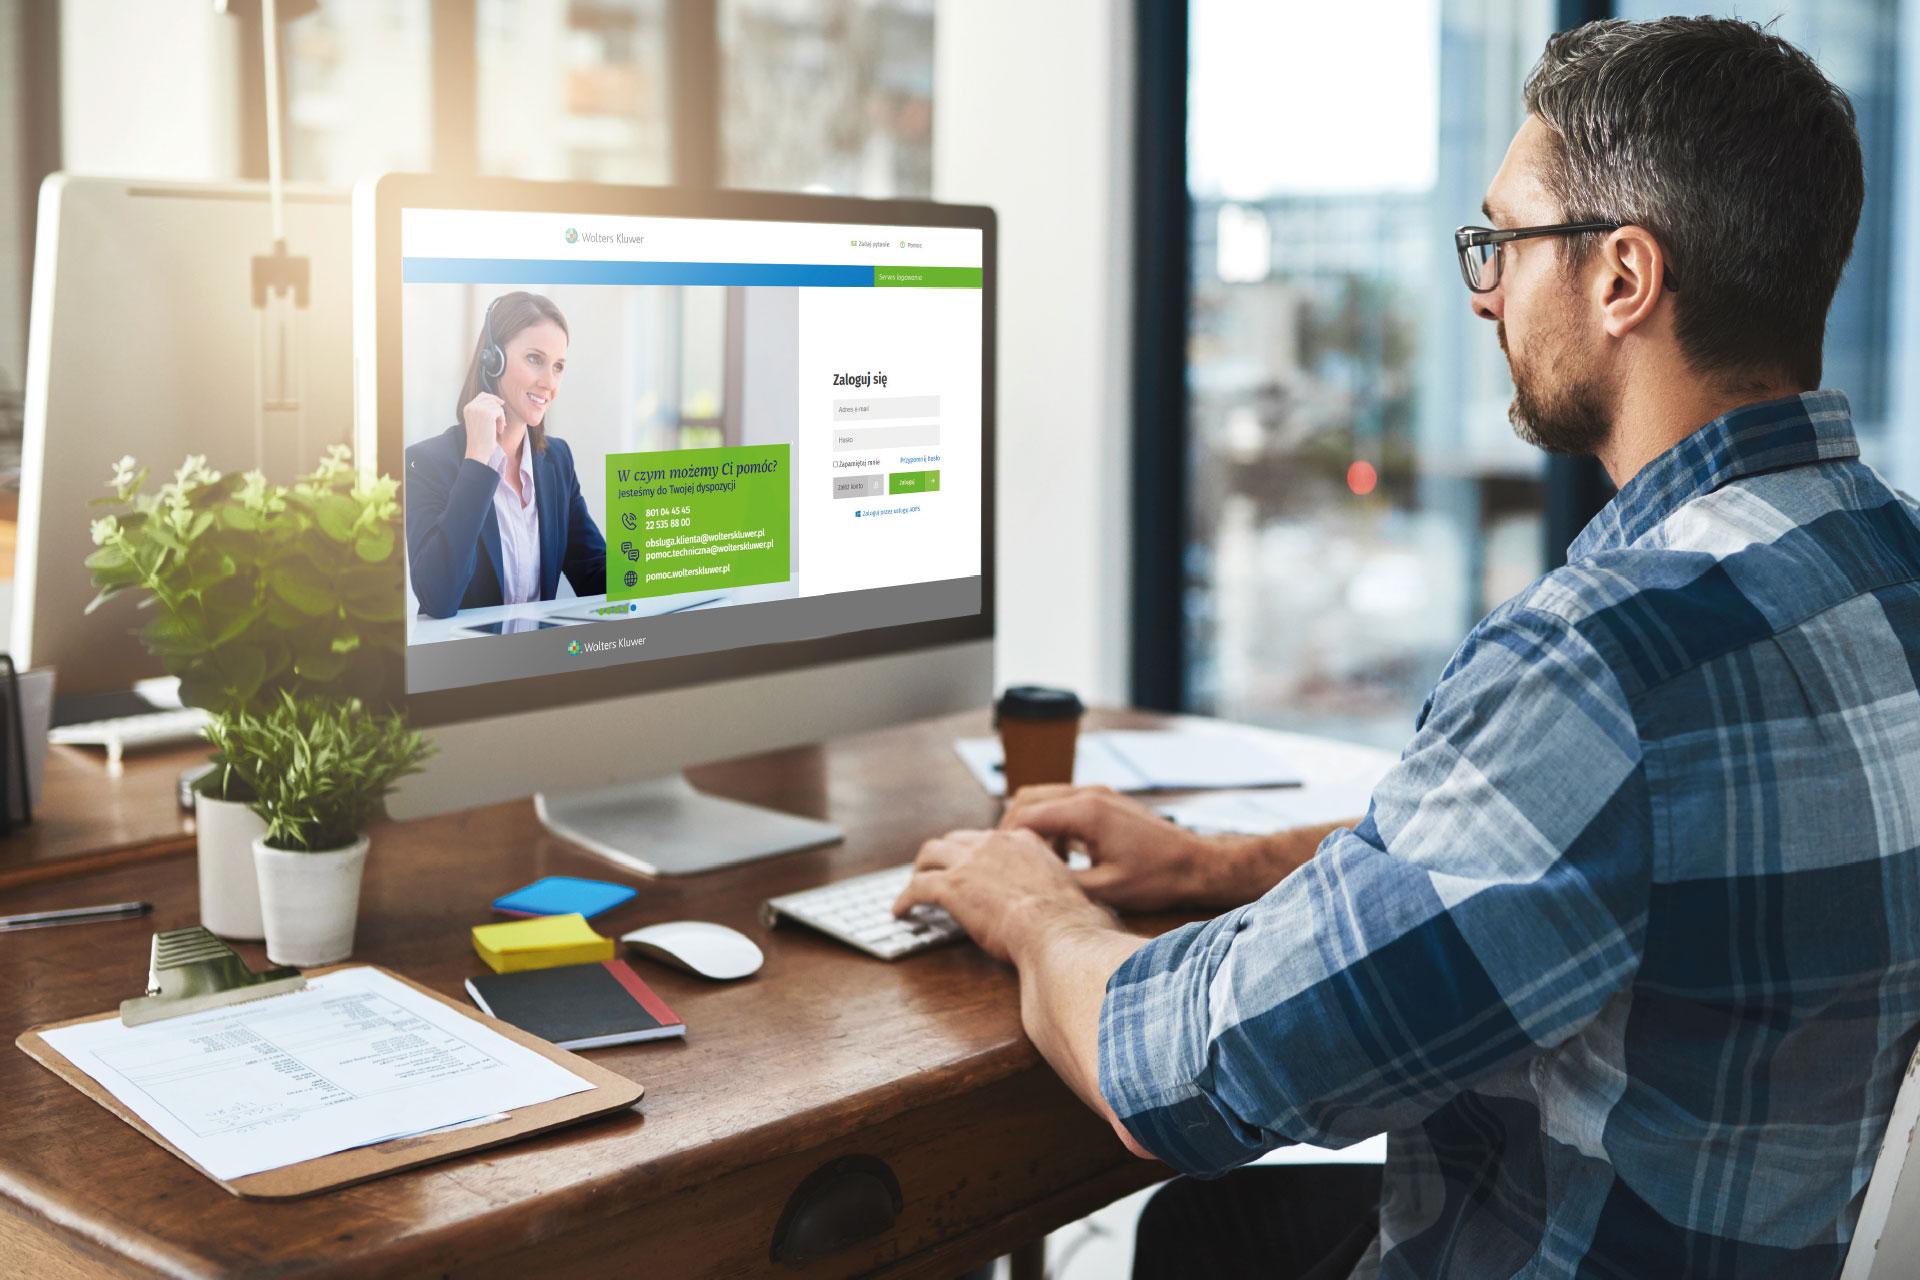 osoba logująca się do LEX na komputerze korzystająca z dwustopniowego logowania